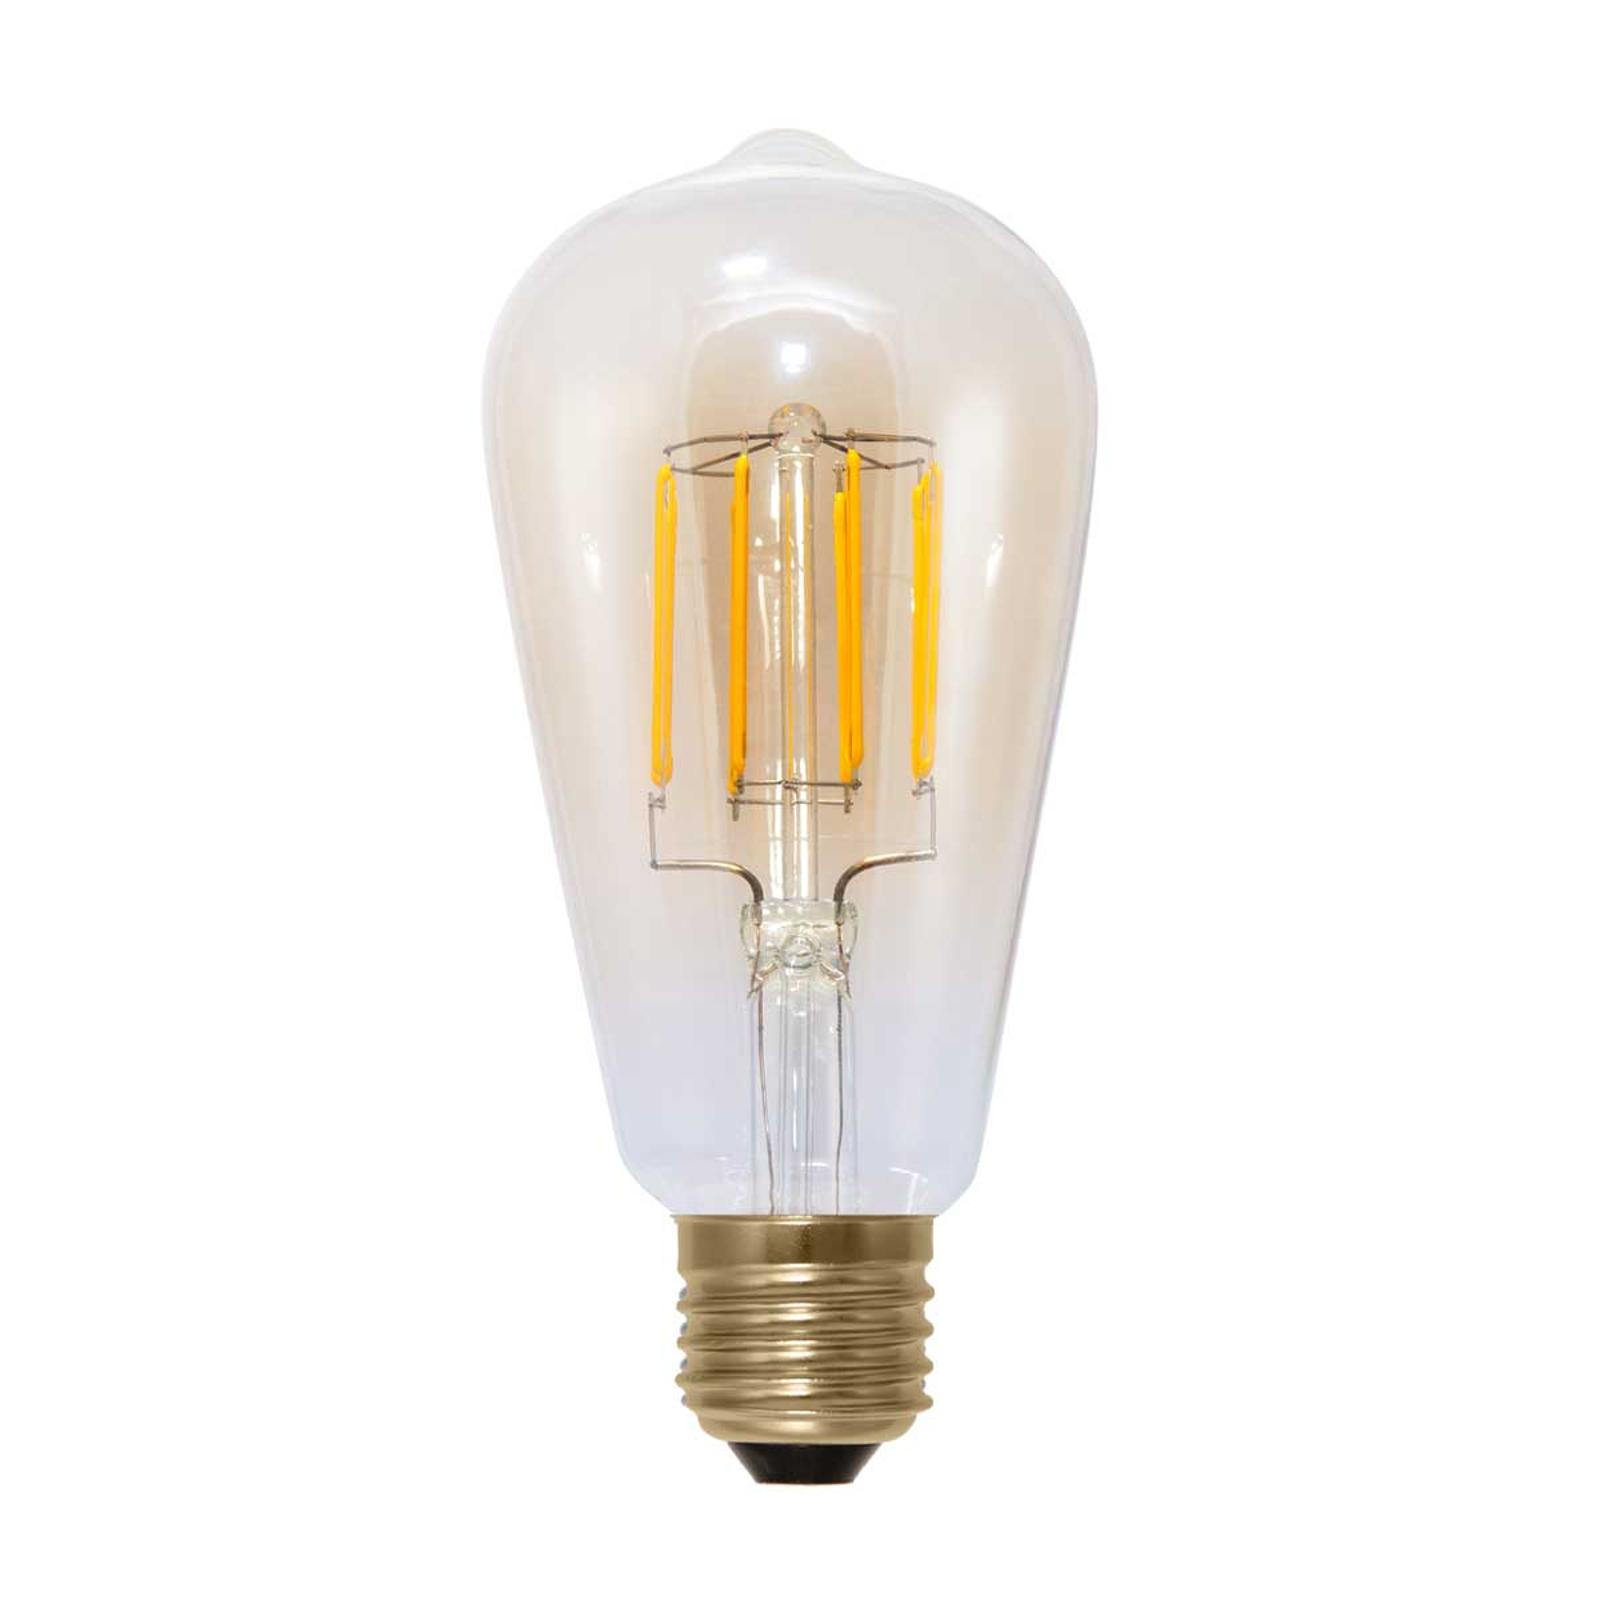 Ampoule rustique LED E27 6W 920 à filament